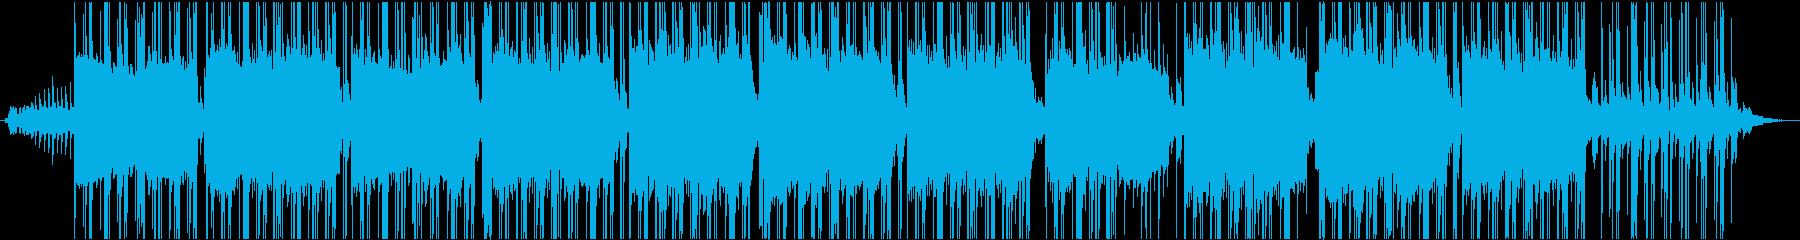 ゆったりした暗めのヒップホップの再生済みの波形